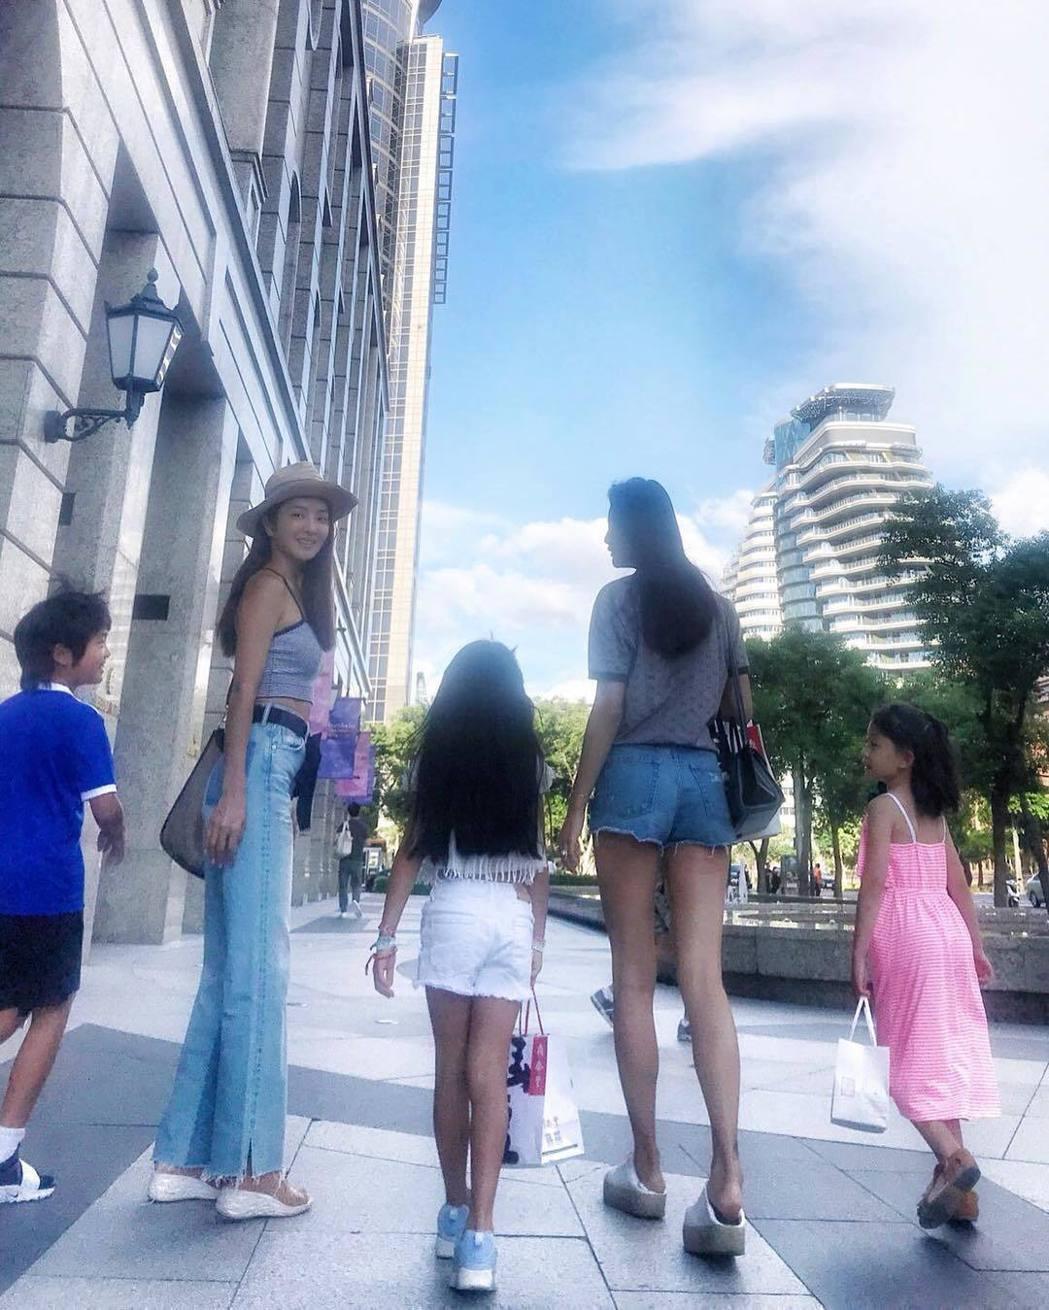 吳速玲(左二)Po美腿照,Grace(中)被網友讚媲美媽媽。圖/摘自IG